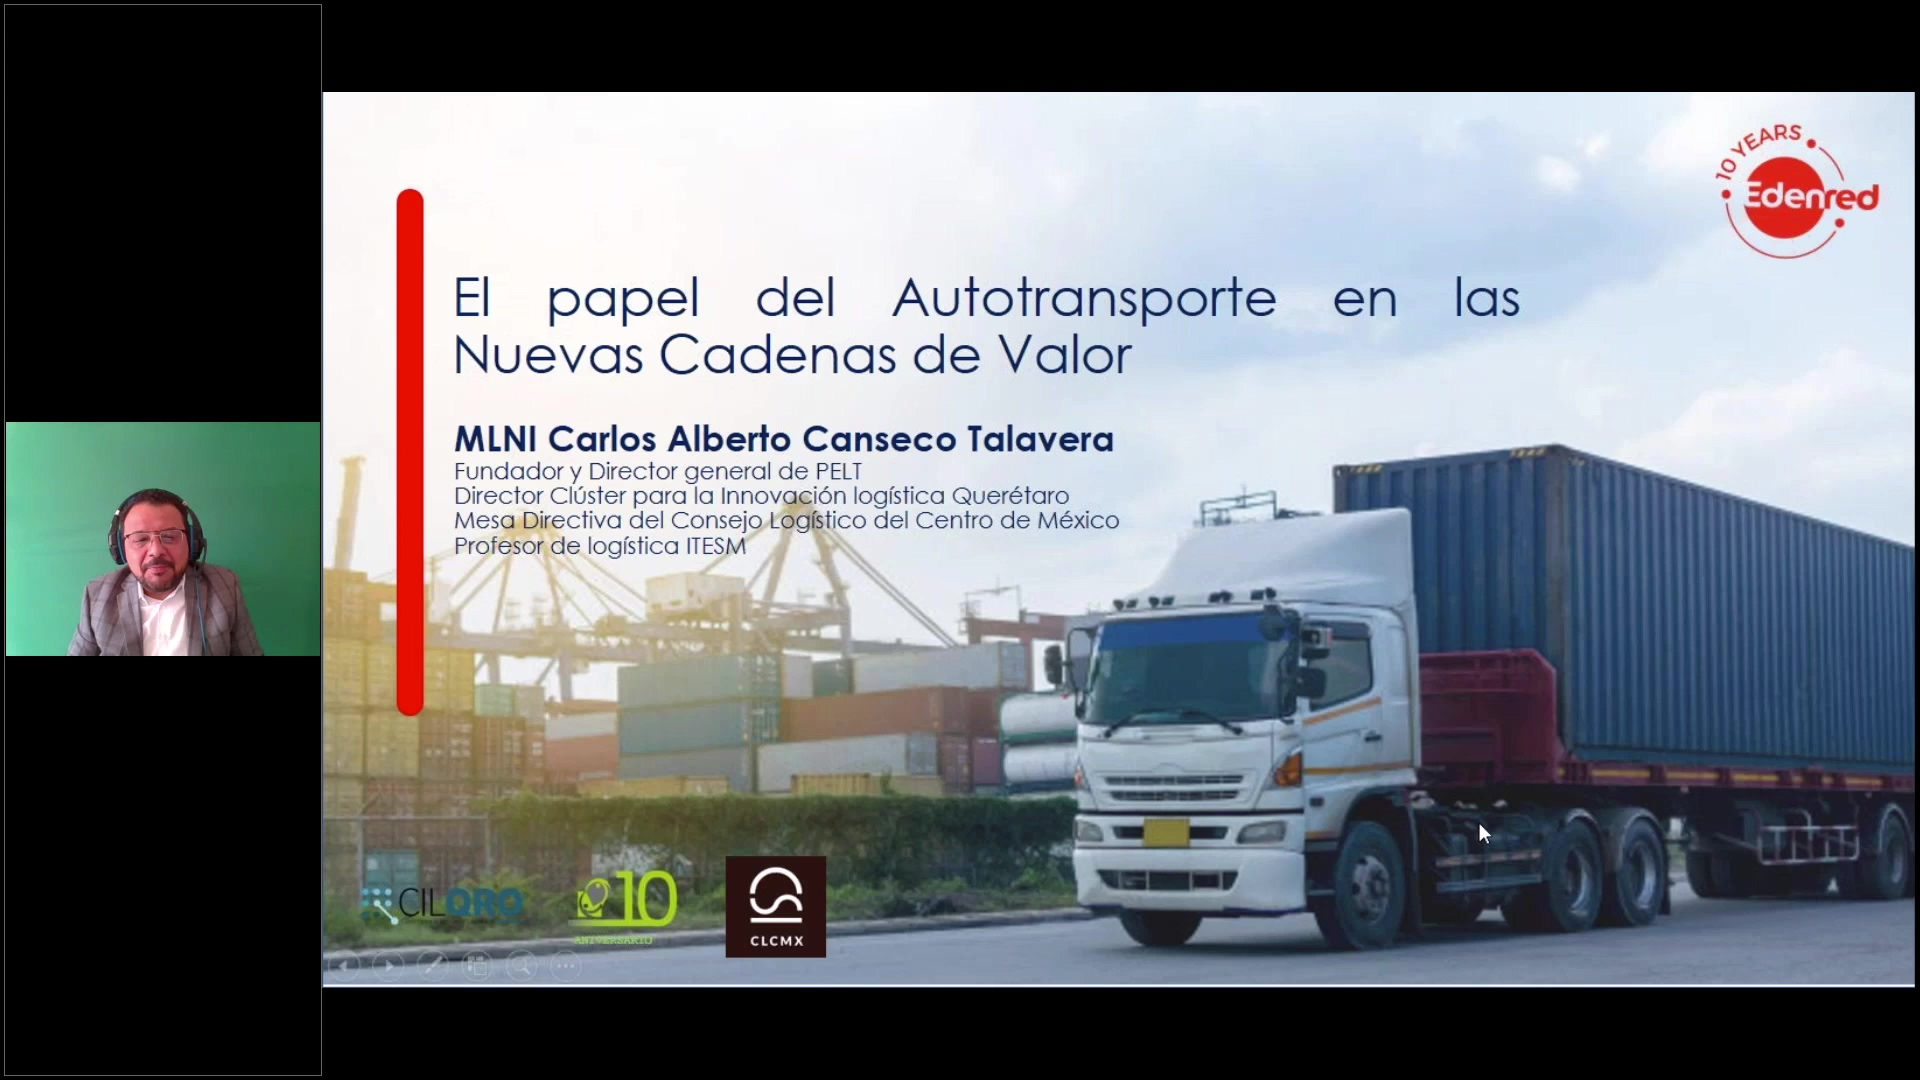 62 clip webinar El papel del autotransporte en las nuevas cadenas de valor